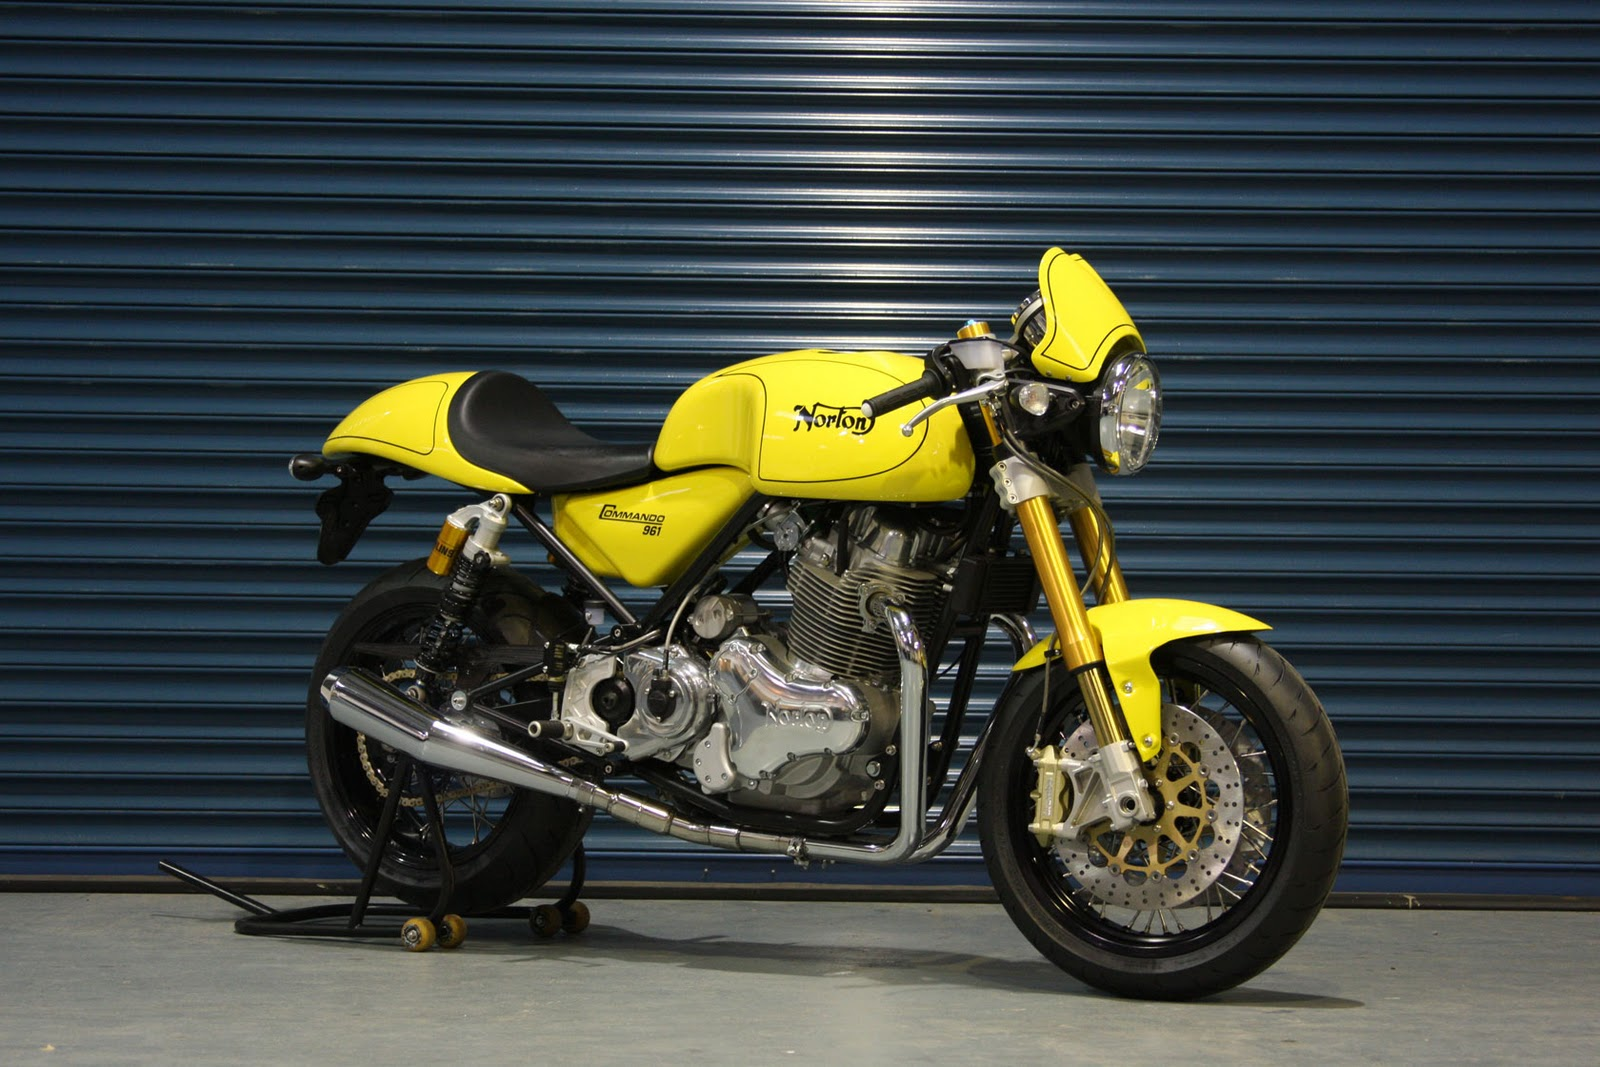 Picture Motorcycle: Norton Commando 961